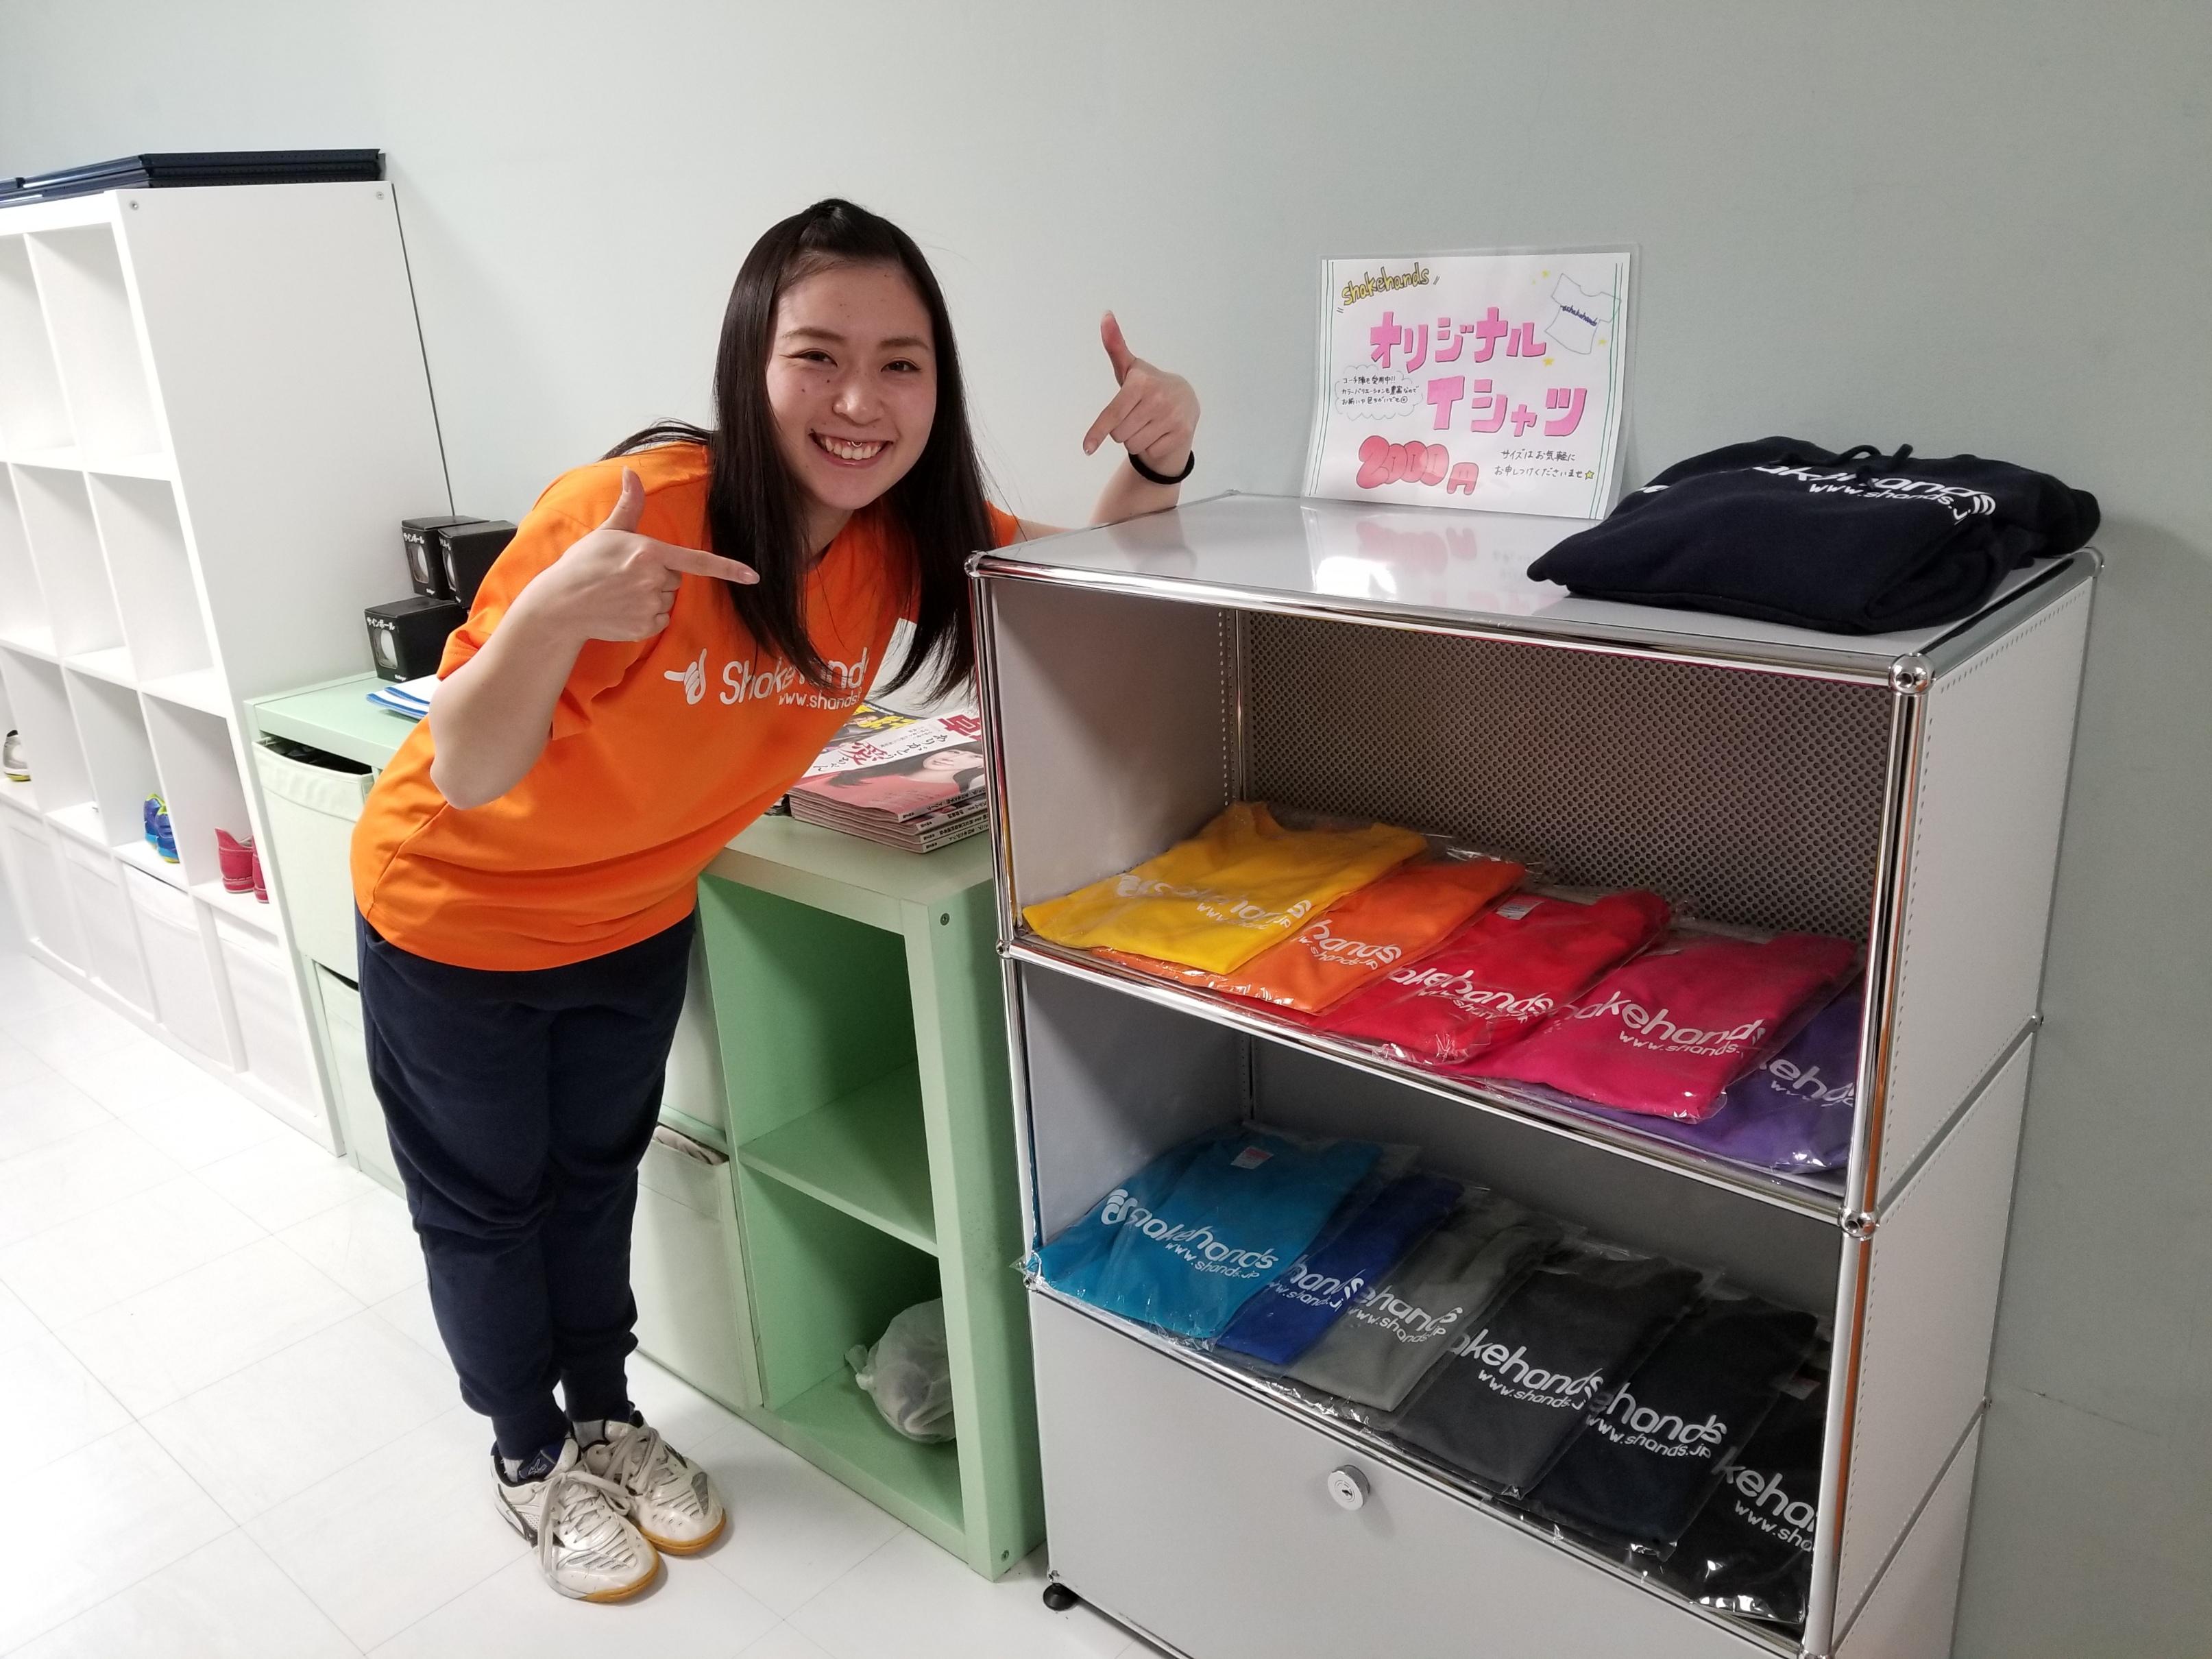 【卓球教室】4月の初心者体験レッスン開催!